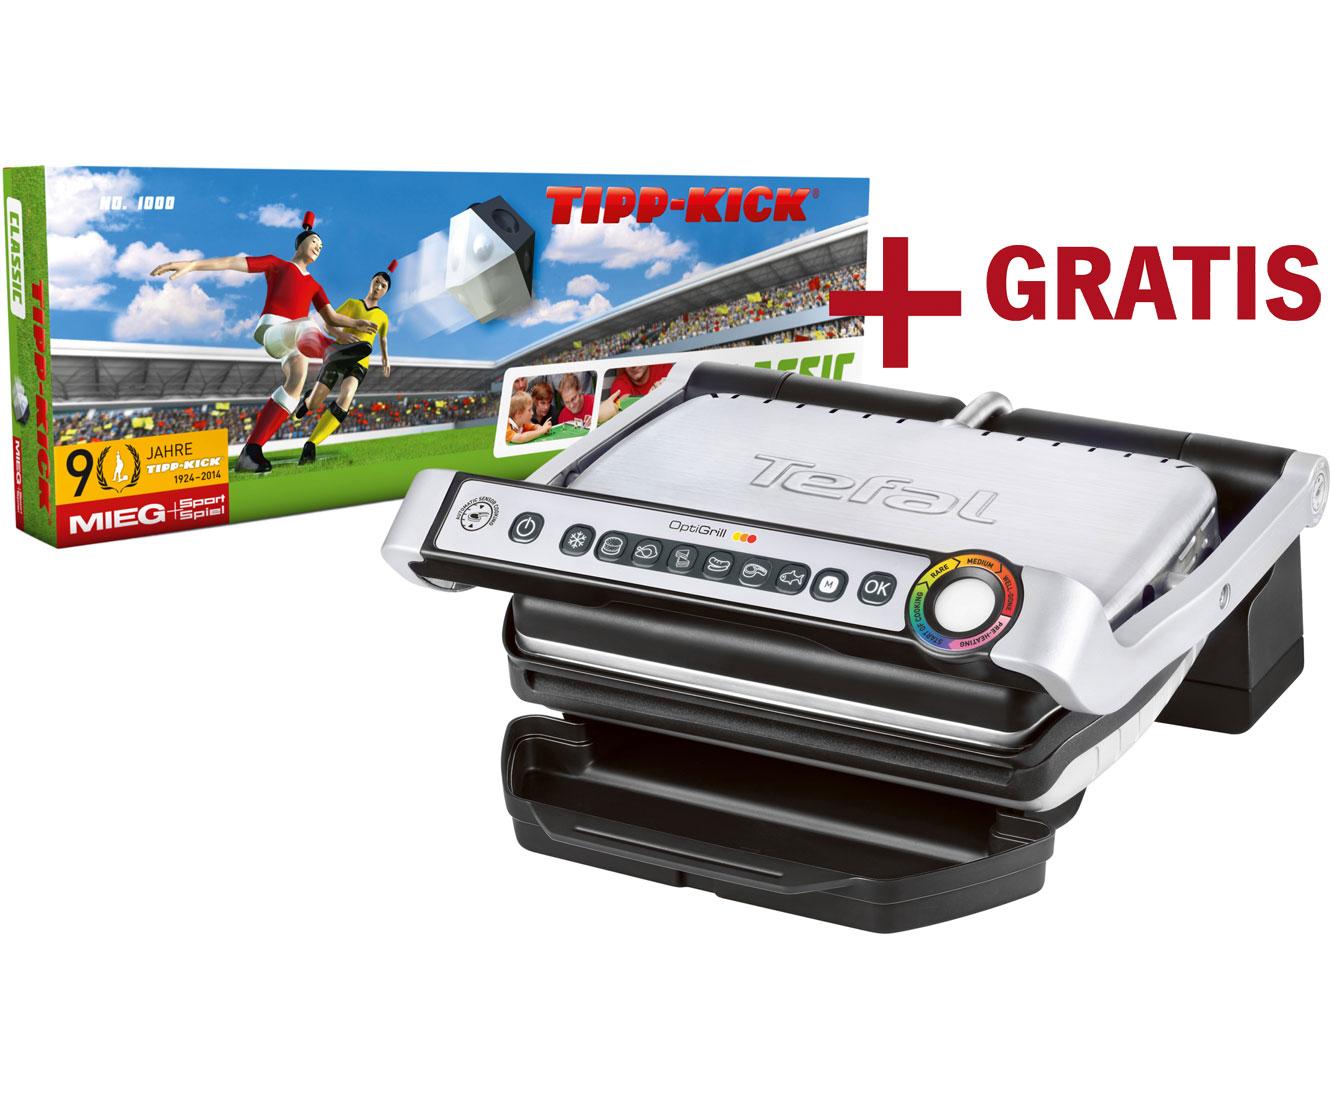 Tefal OptiGrill GC702D.WM  +Tipp-Kick-Classic